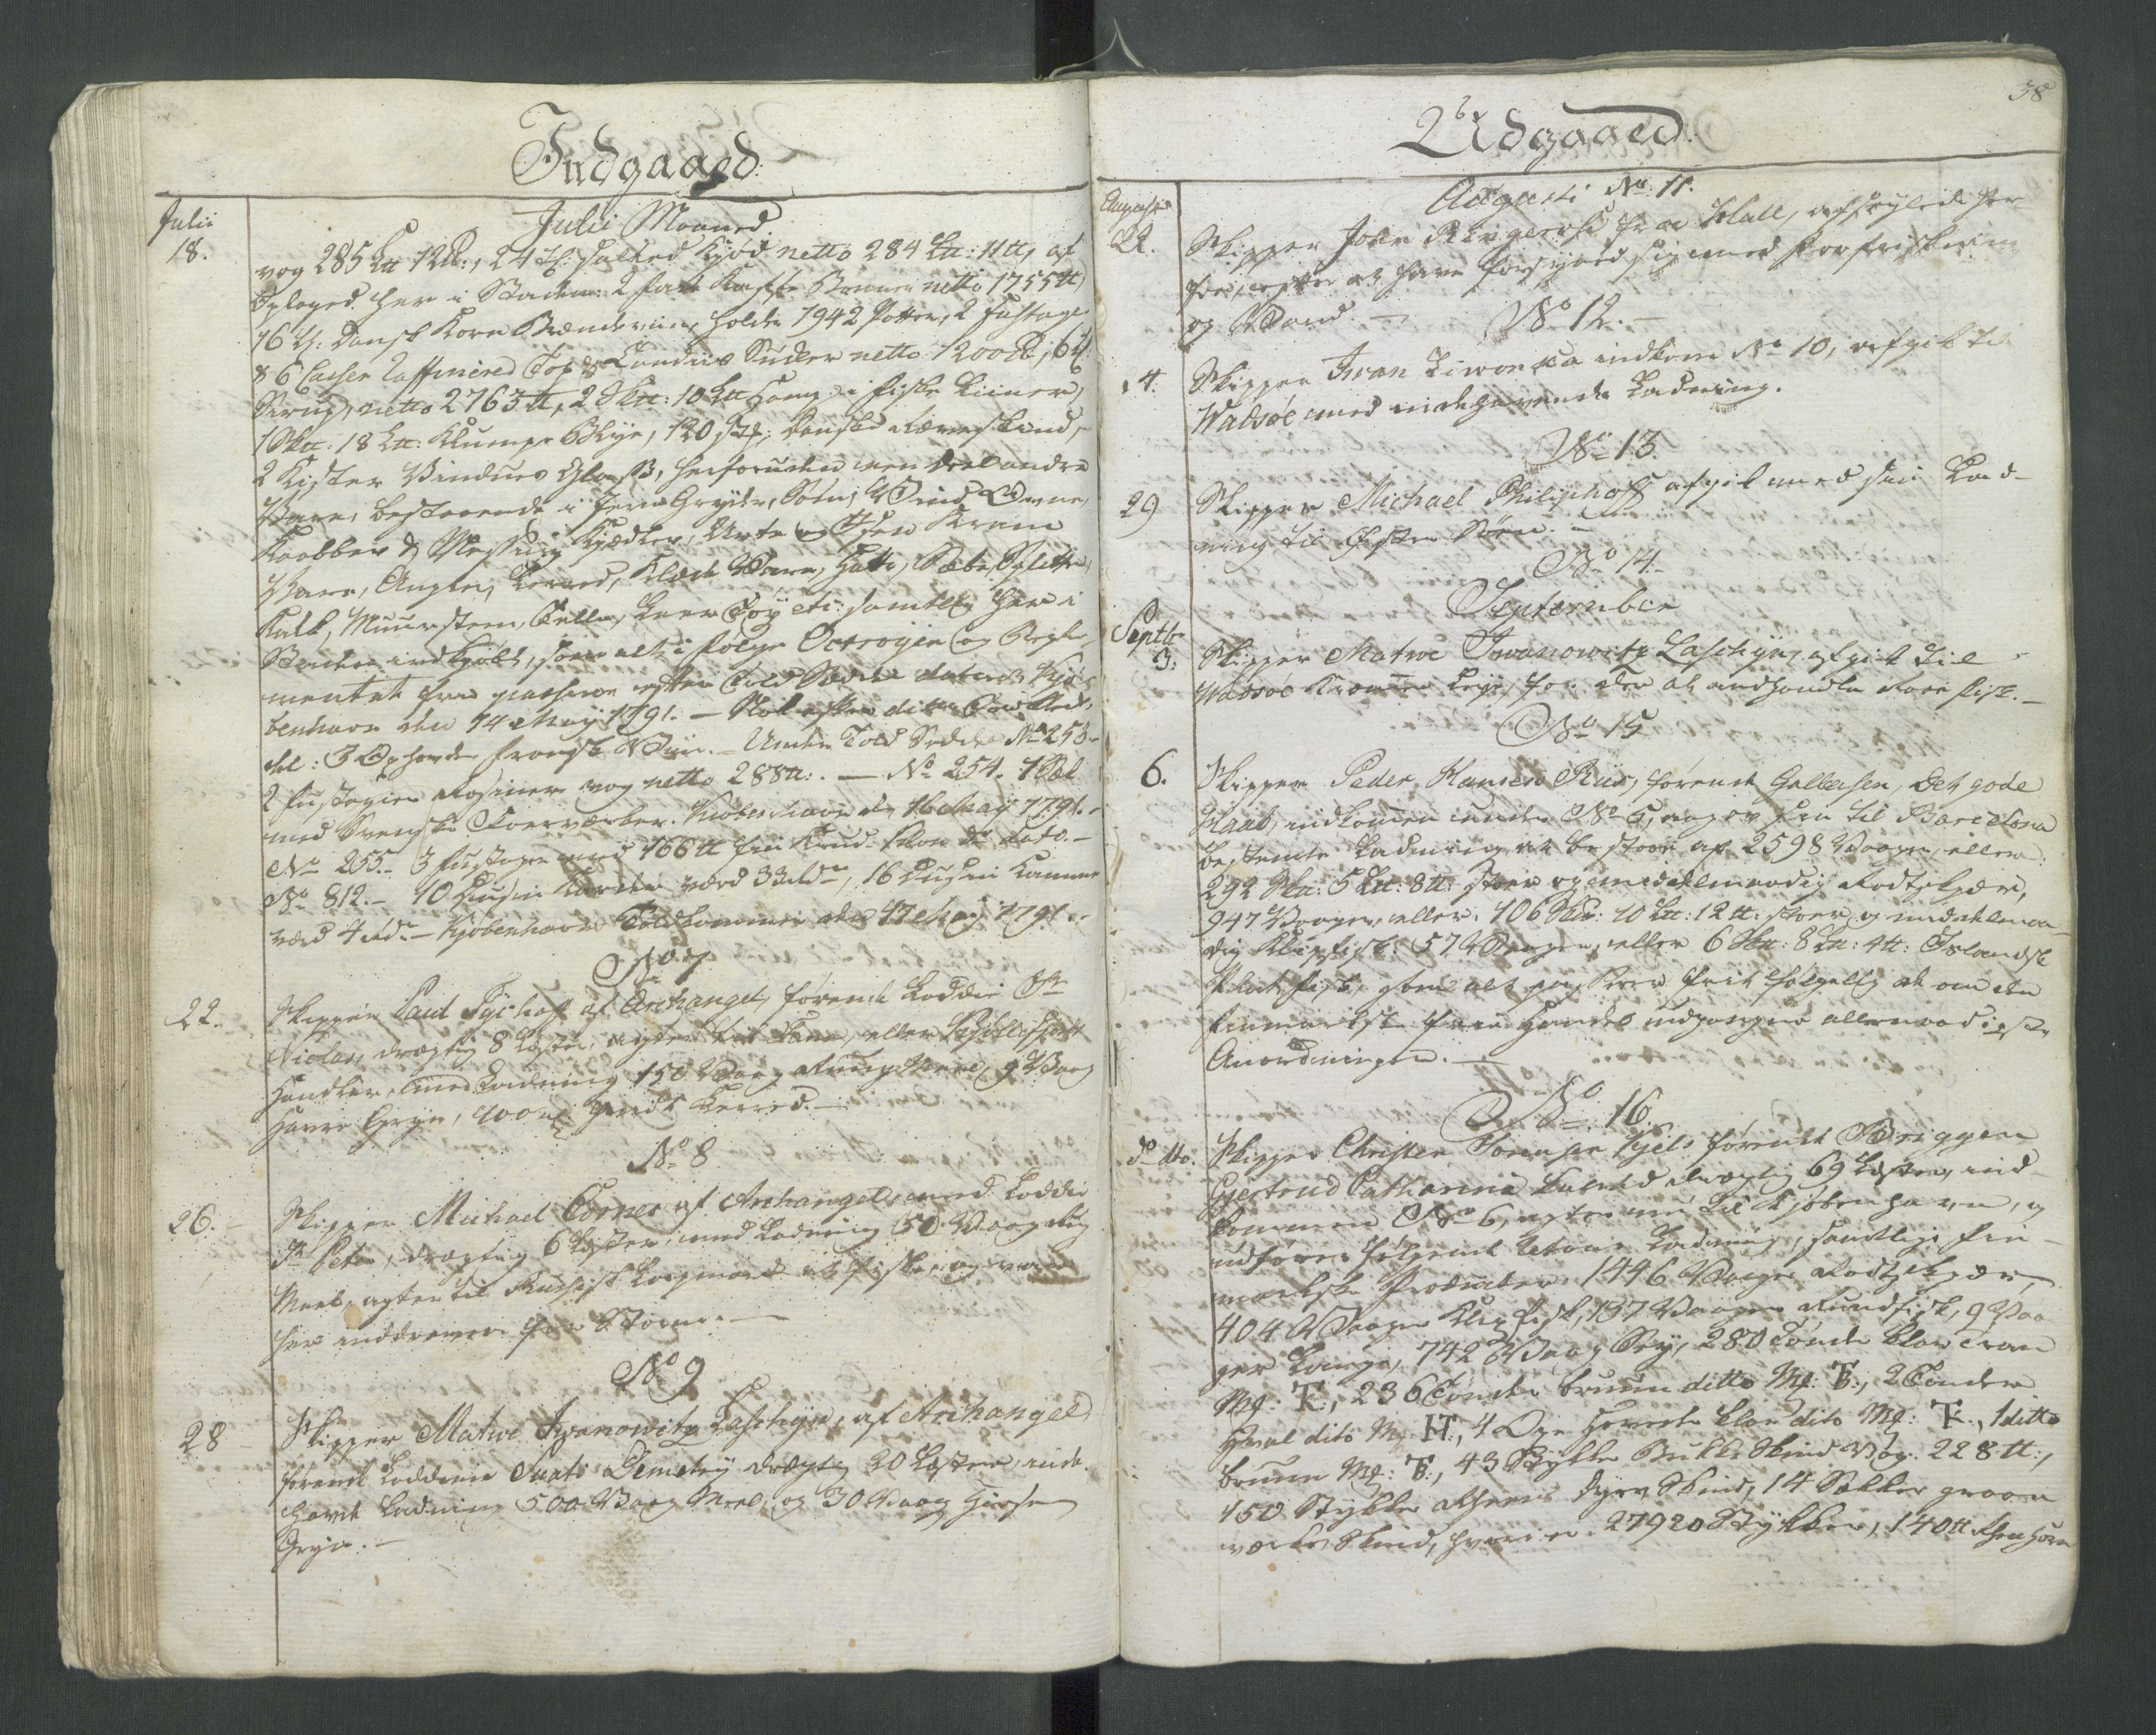 RA, Generaltollkammeret, tollregnskaper, R37/L0001: Tollregnskaper Vardø, 1789-1794, s. 37b-38a